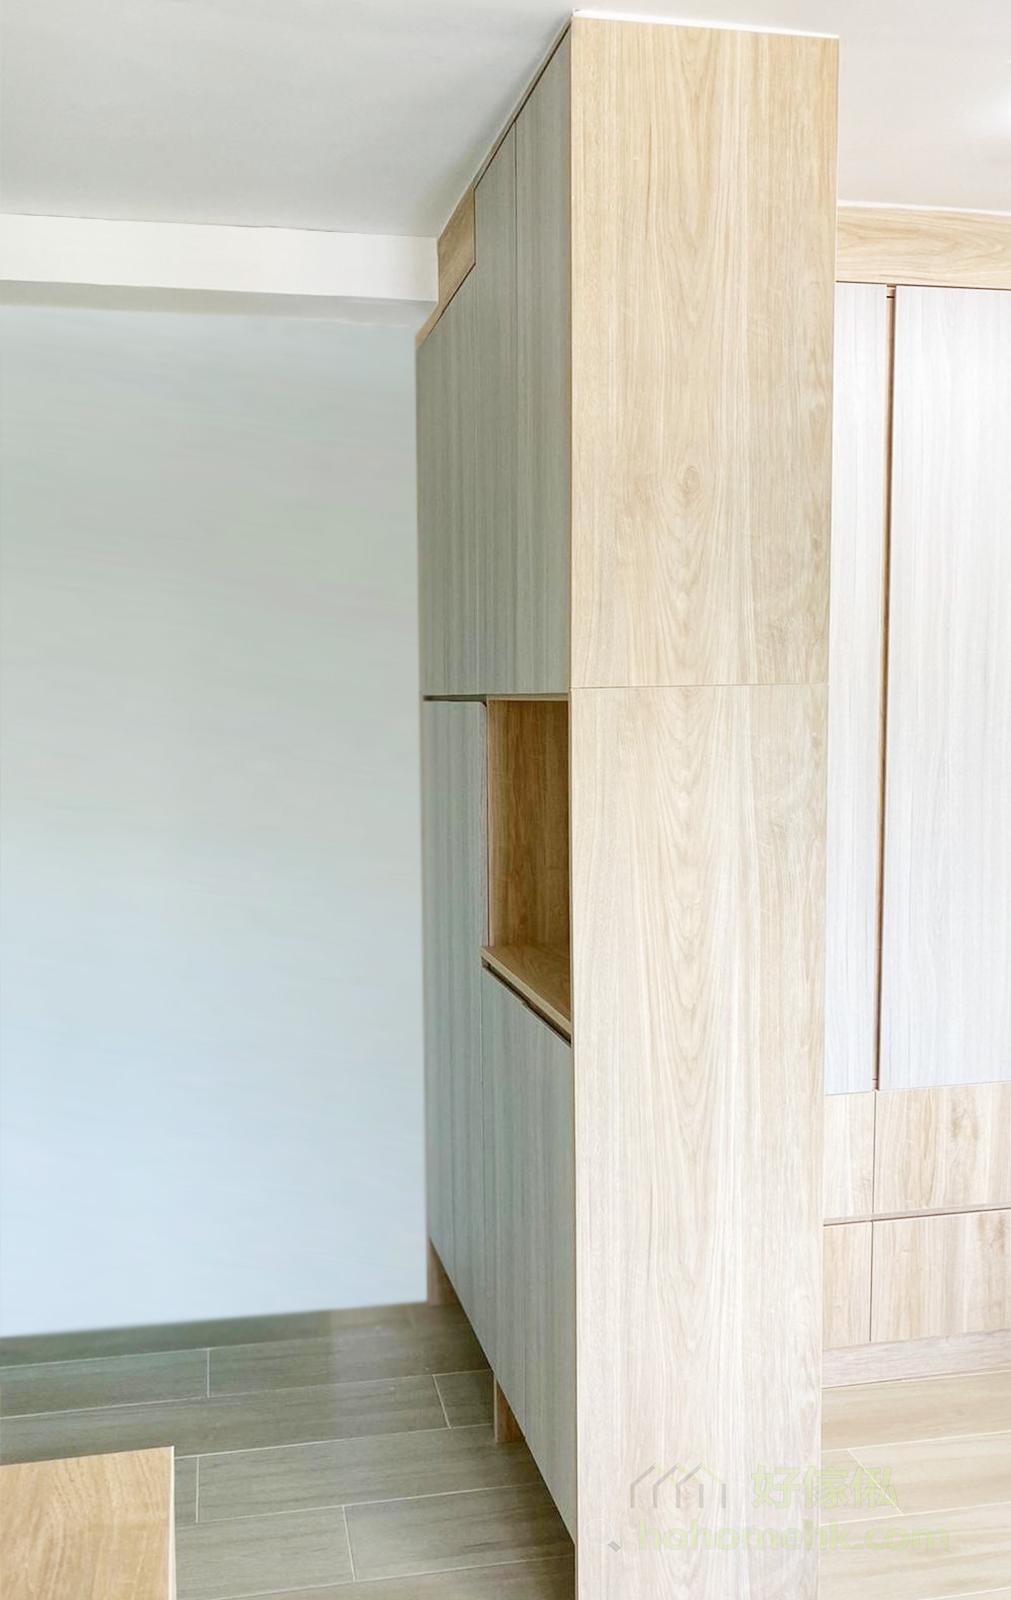 開放式睡房設計有機會影響睡眠質素,因此可利用玄關櫃隔開睡床與大門,避免一入門就見到床頭,明確劃分空間,有助增強私隱度